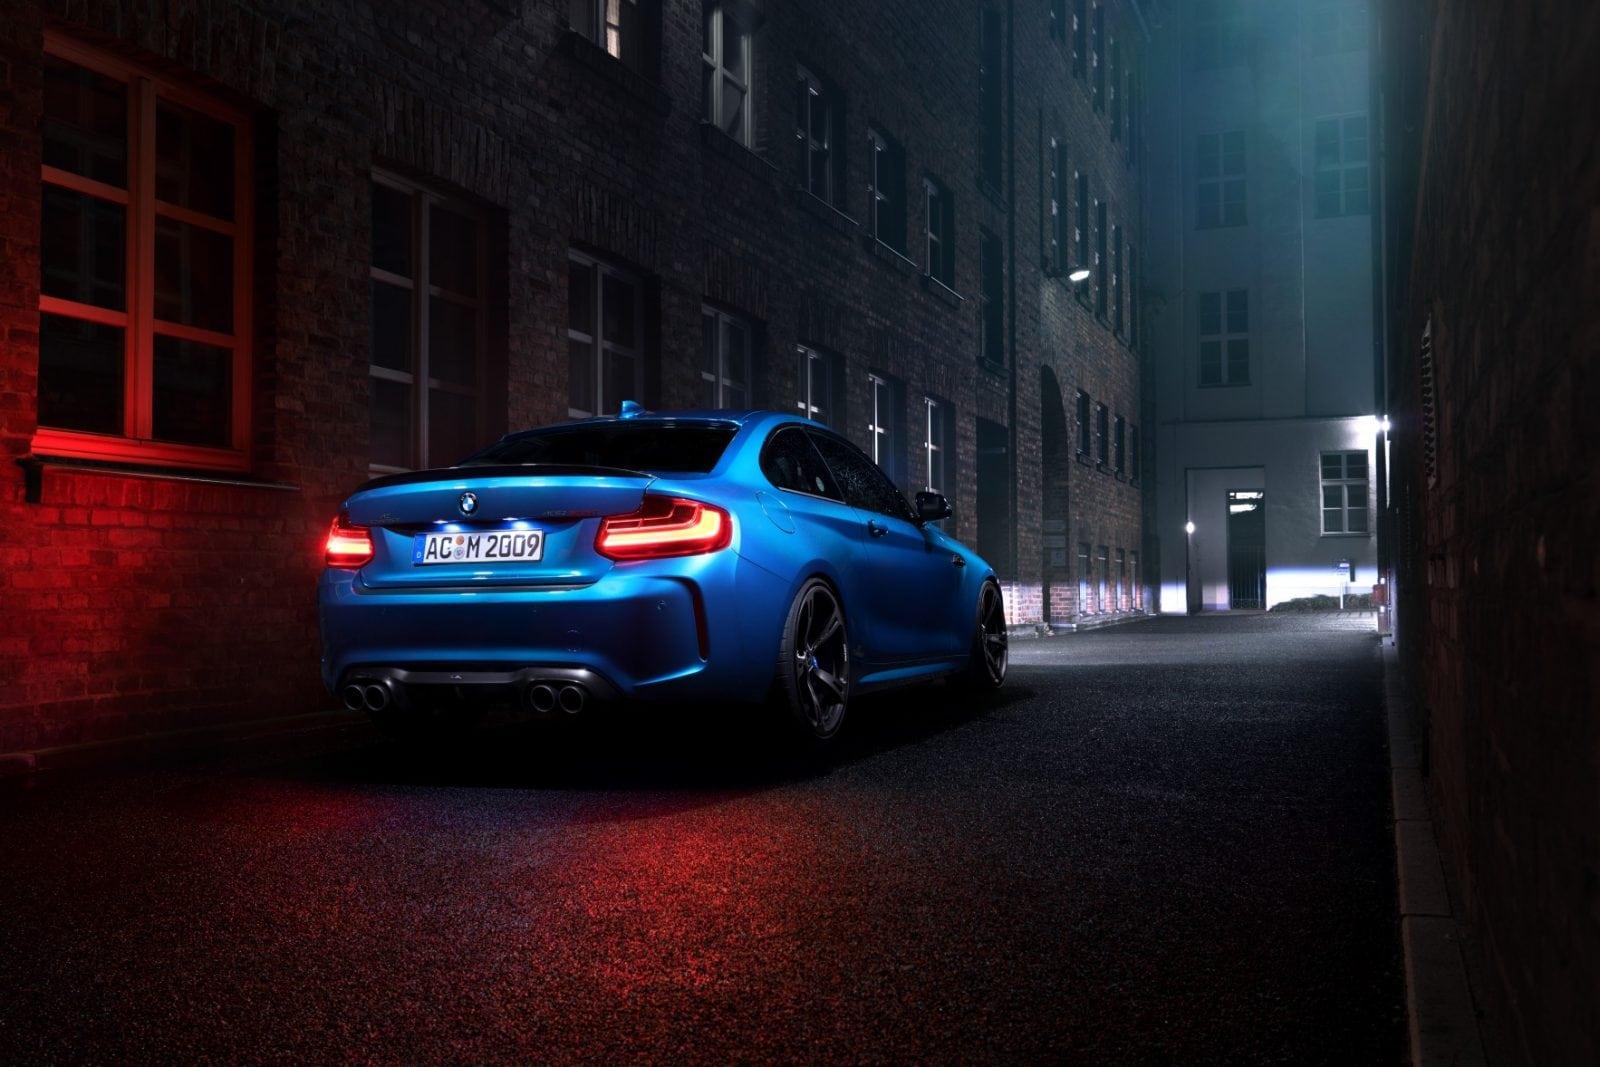 Ателье AC Schnitzer представило свой новый проект на базе BMW M2 F87 – автомобиль стал еще легче, мощнее и динамичнее.